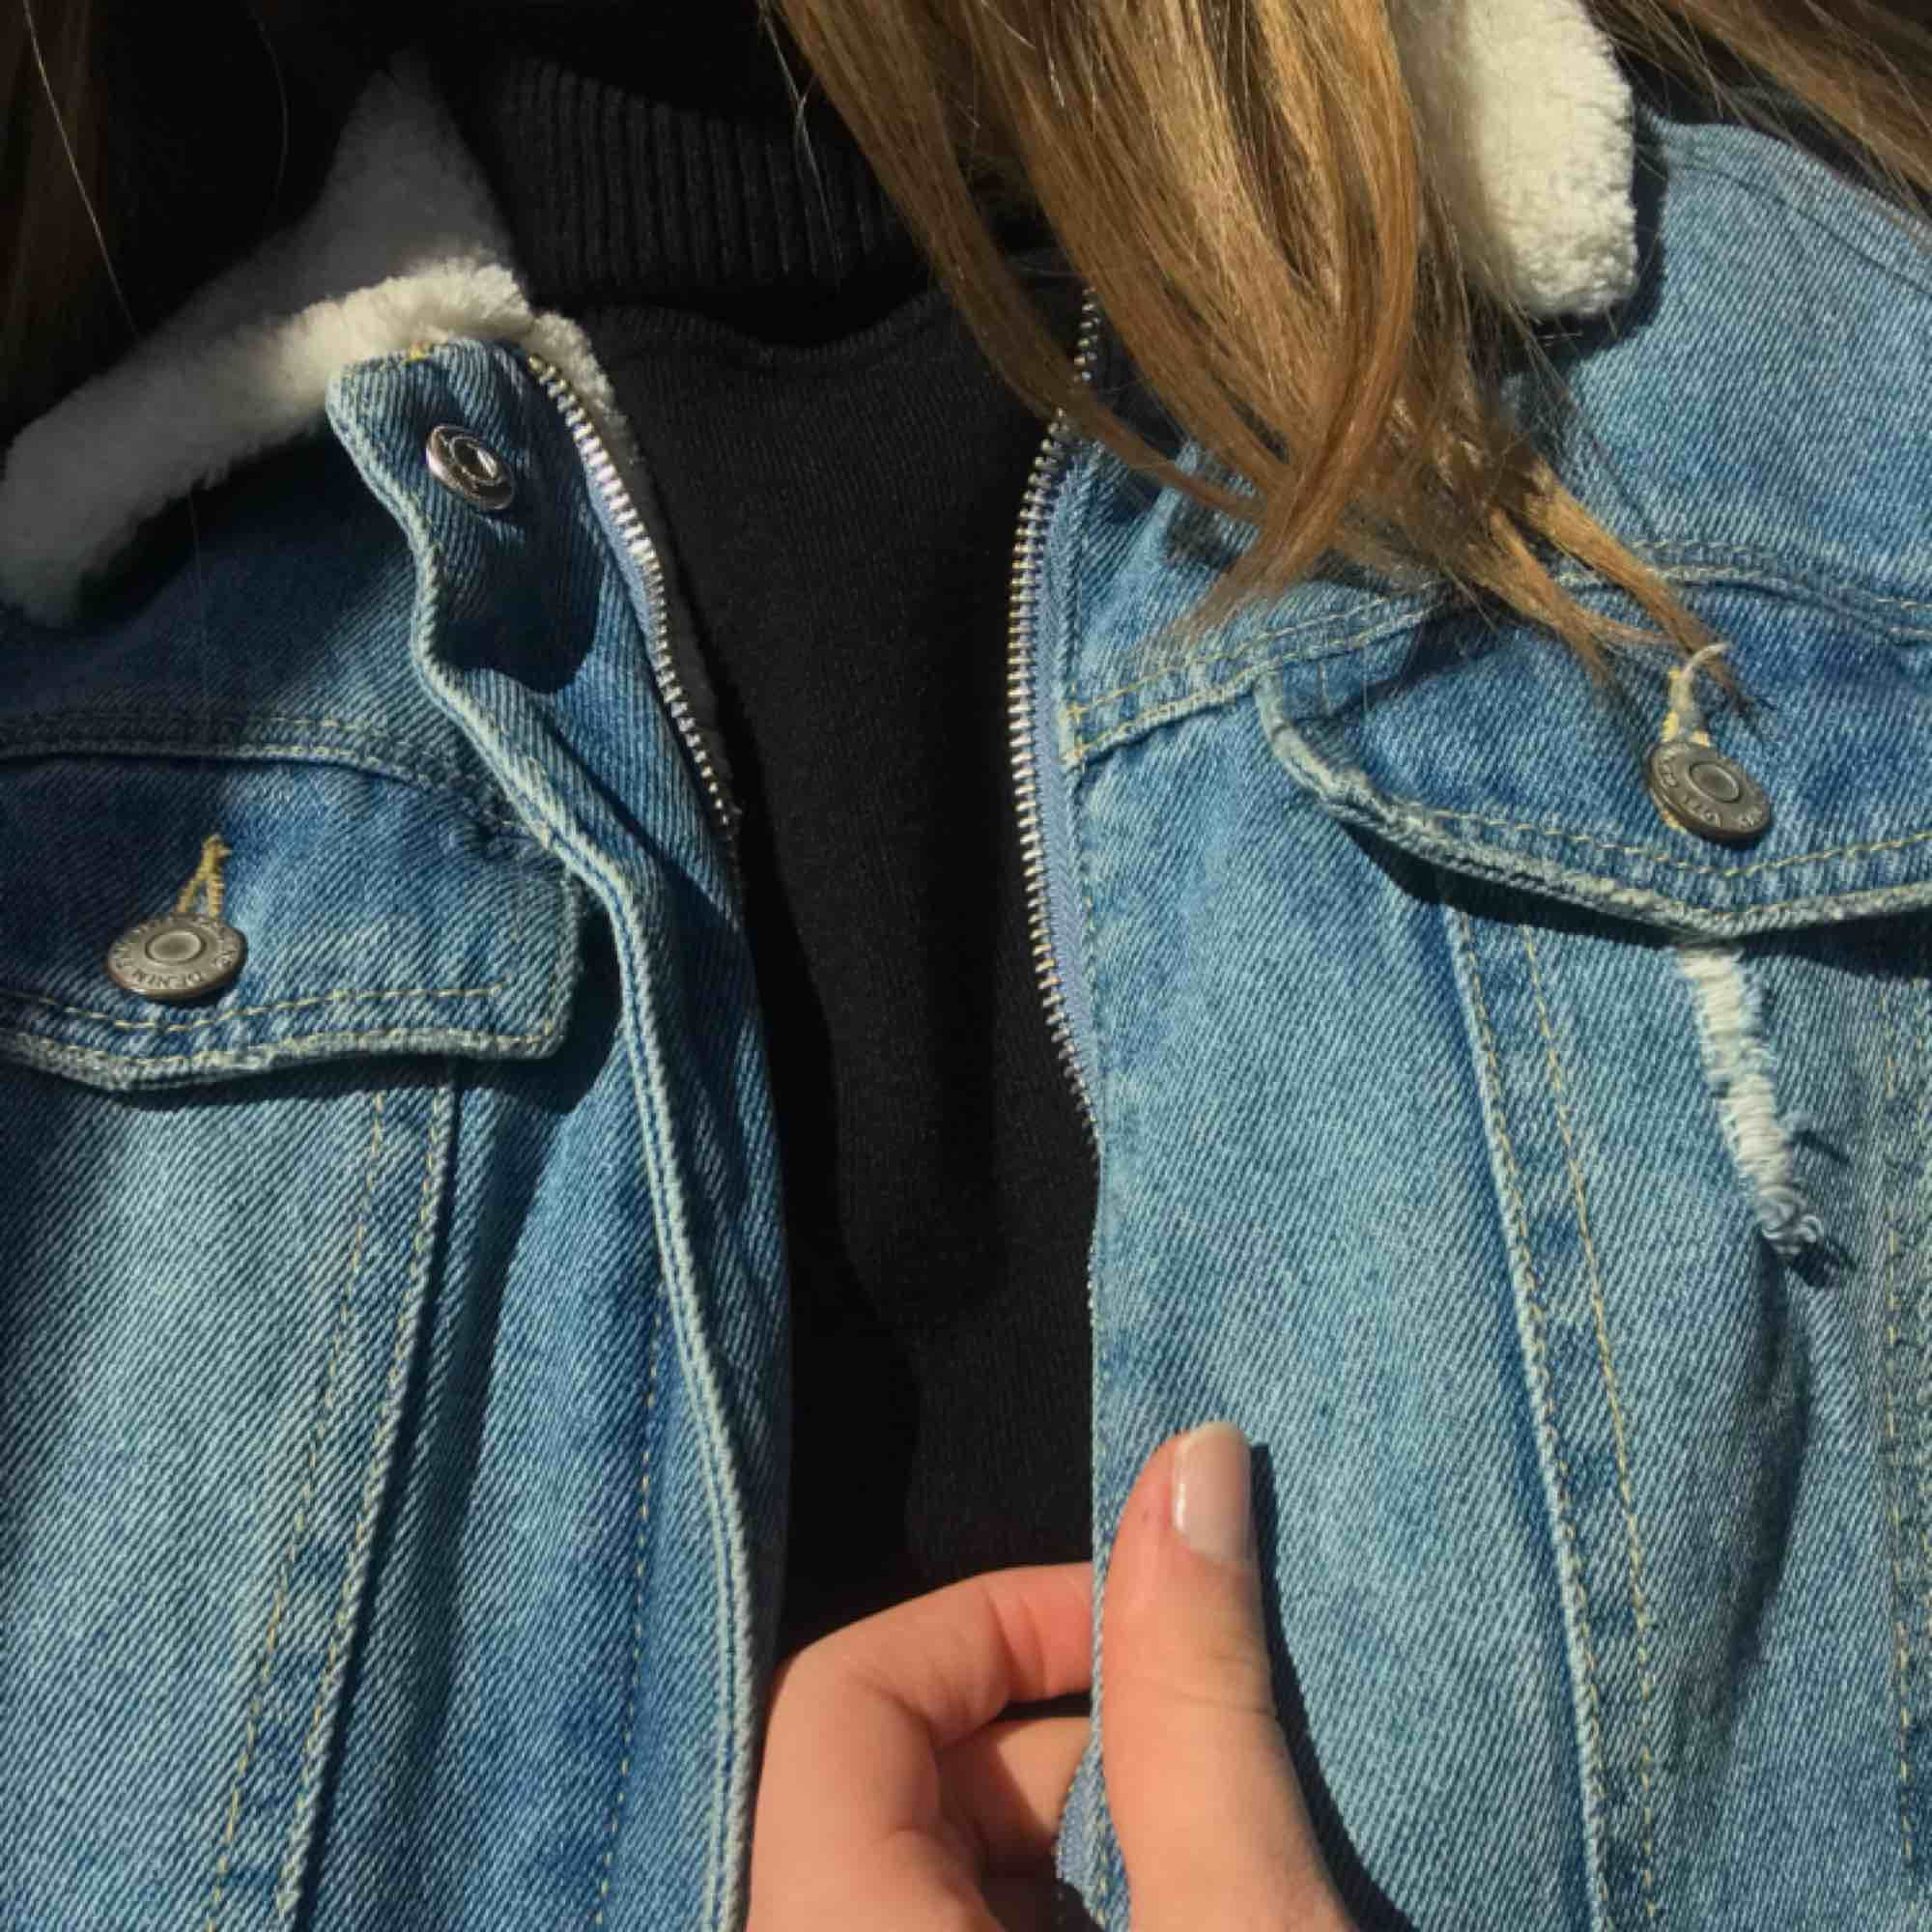 Supersnygg sherpa jeansjacka från Pimkie denim. Köptes från Asos i våras och i otroligt fint skick. Detaljer som slitningar och foder i fejkpäls. Kund betalar frakten, pris kan diskuteras 🦋. Jackor.